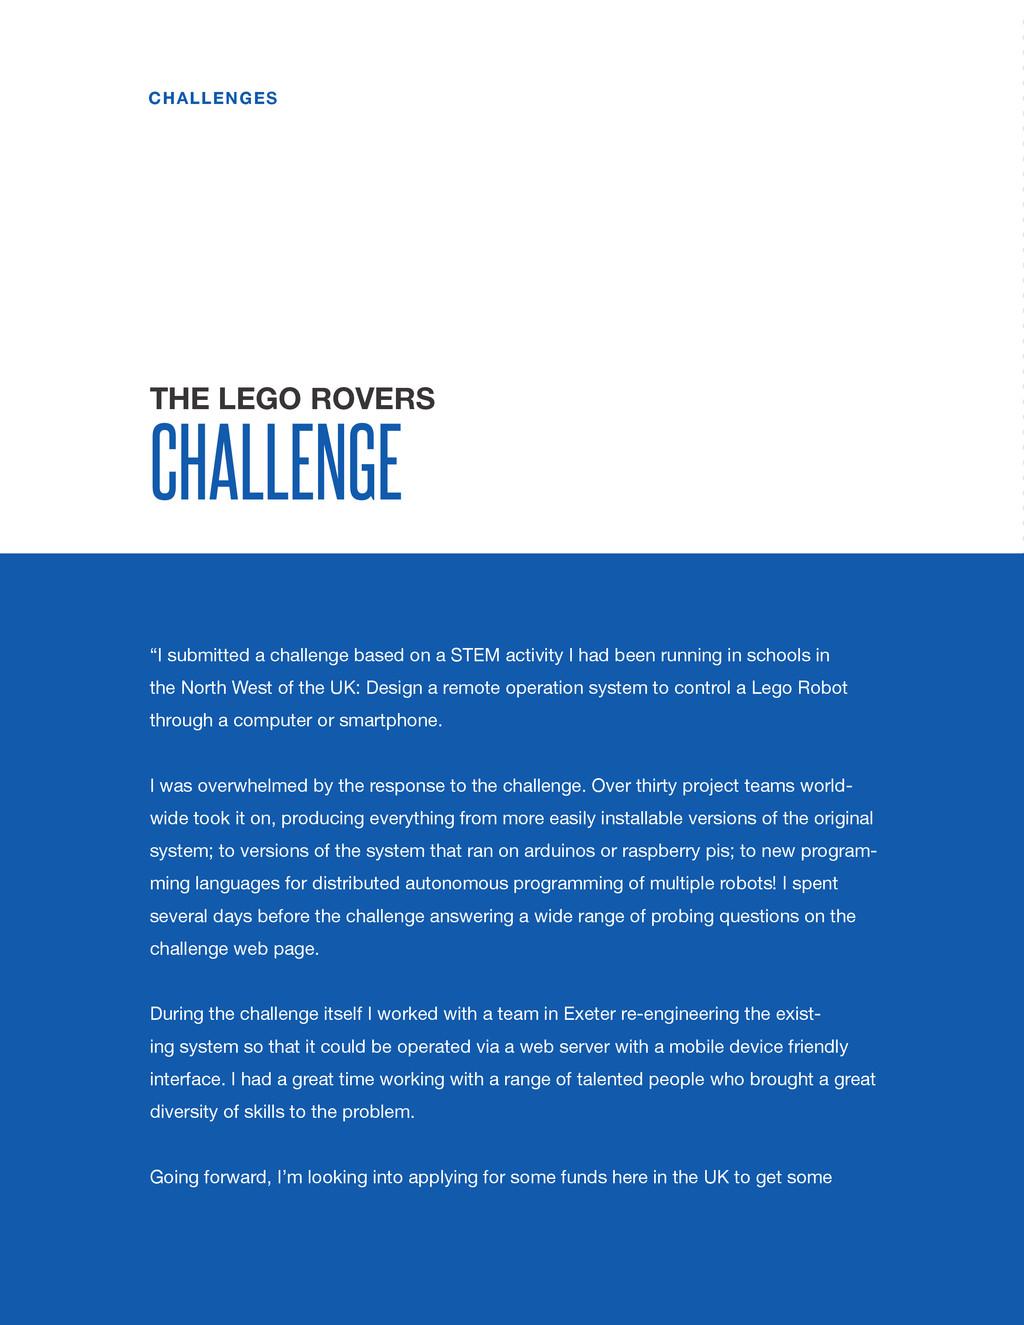 spaceappschallenge.org CHALLENGES THE LEGO ROVE...